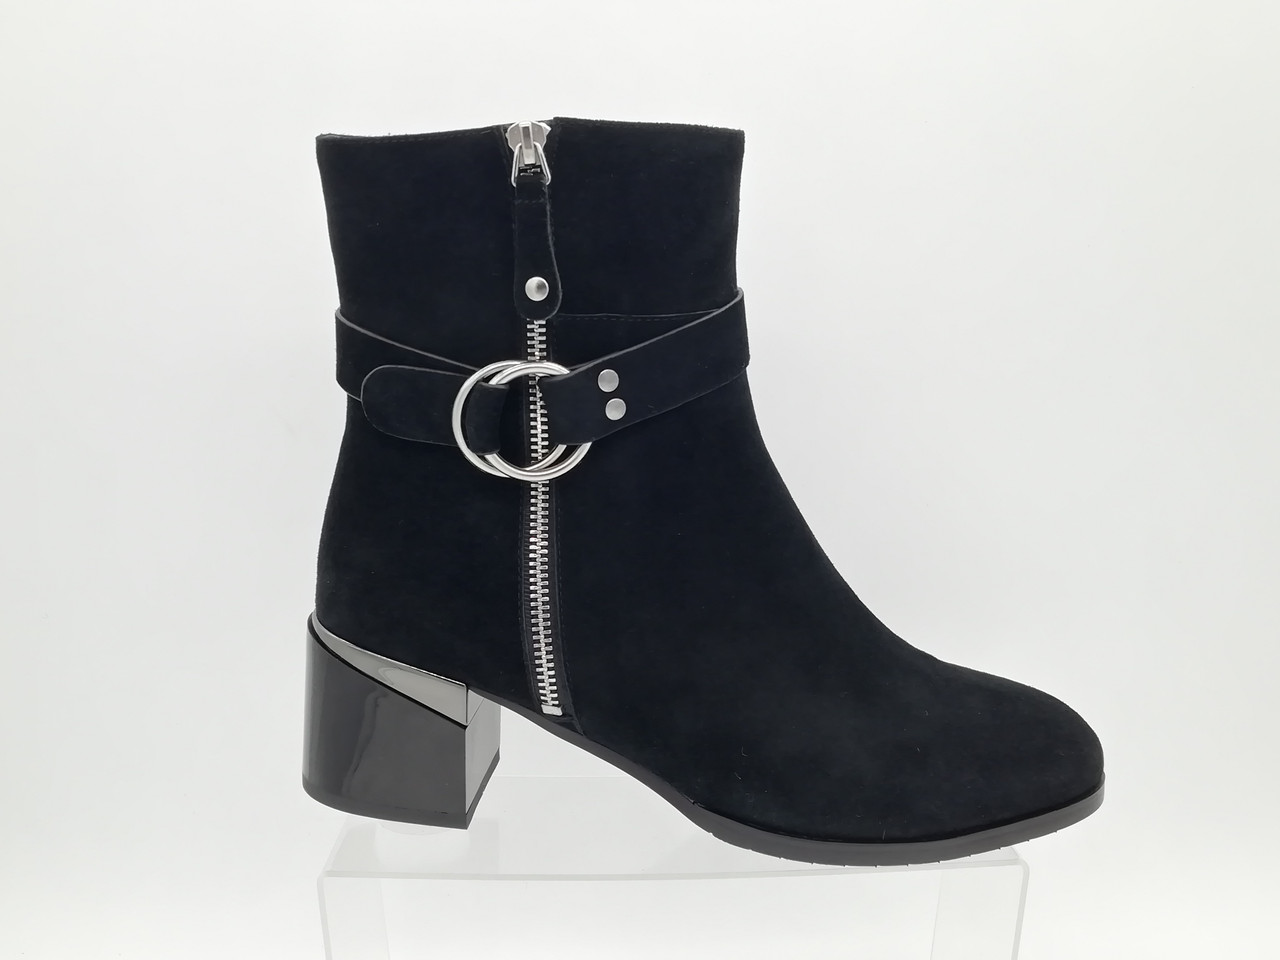 Чорні замшеві чобітки Erisses.Великі розміри ( 41 - 43).